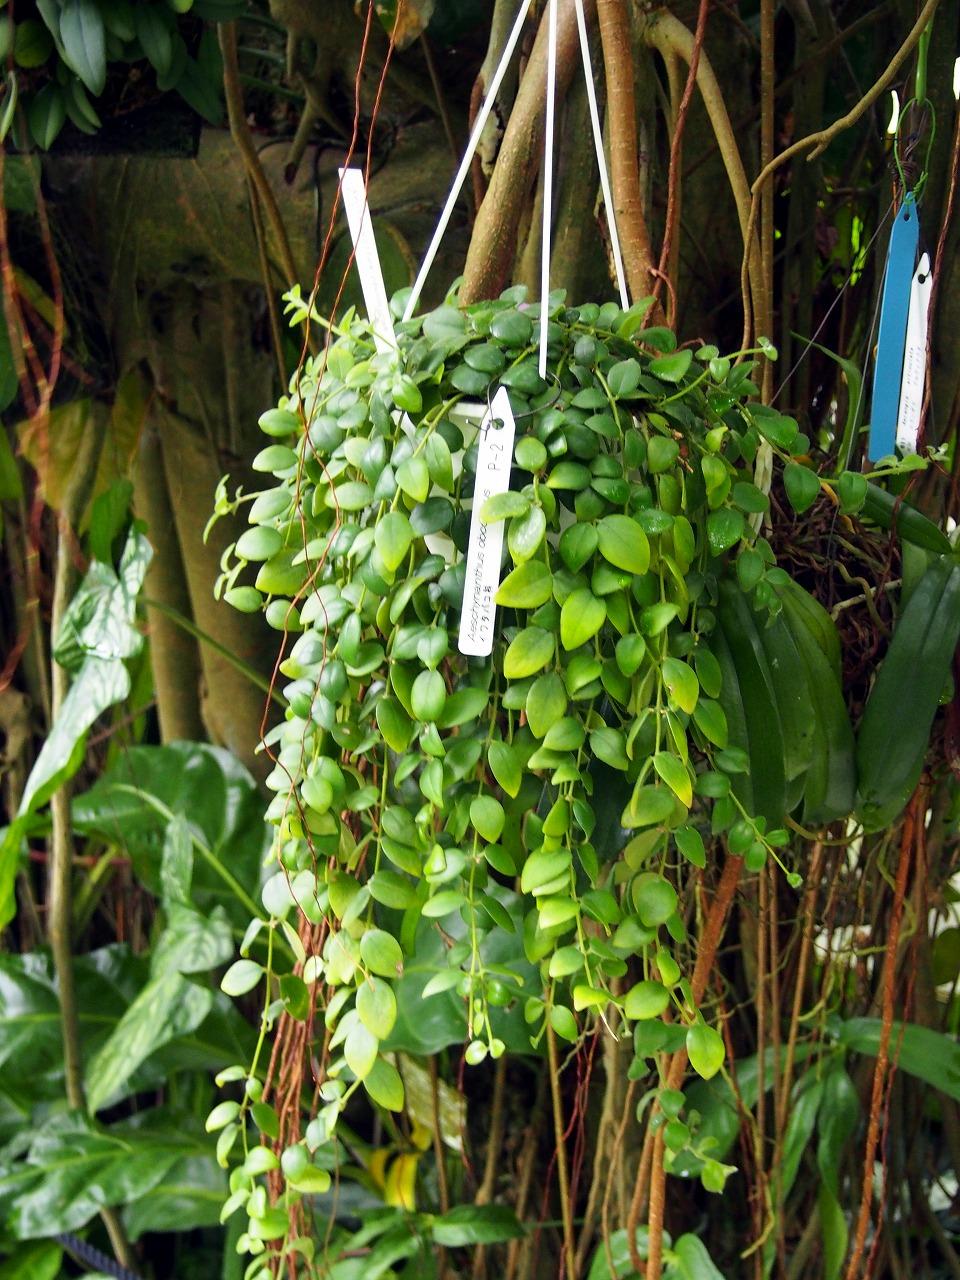 BotanicalGarden90_20141115.jpg